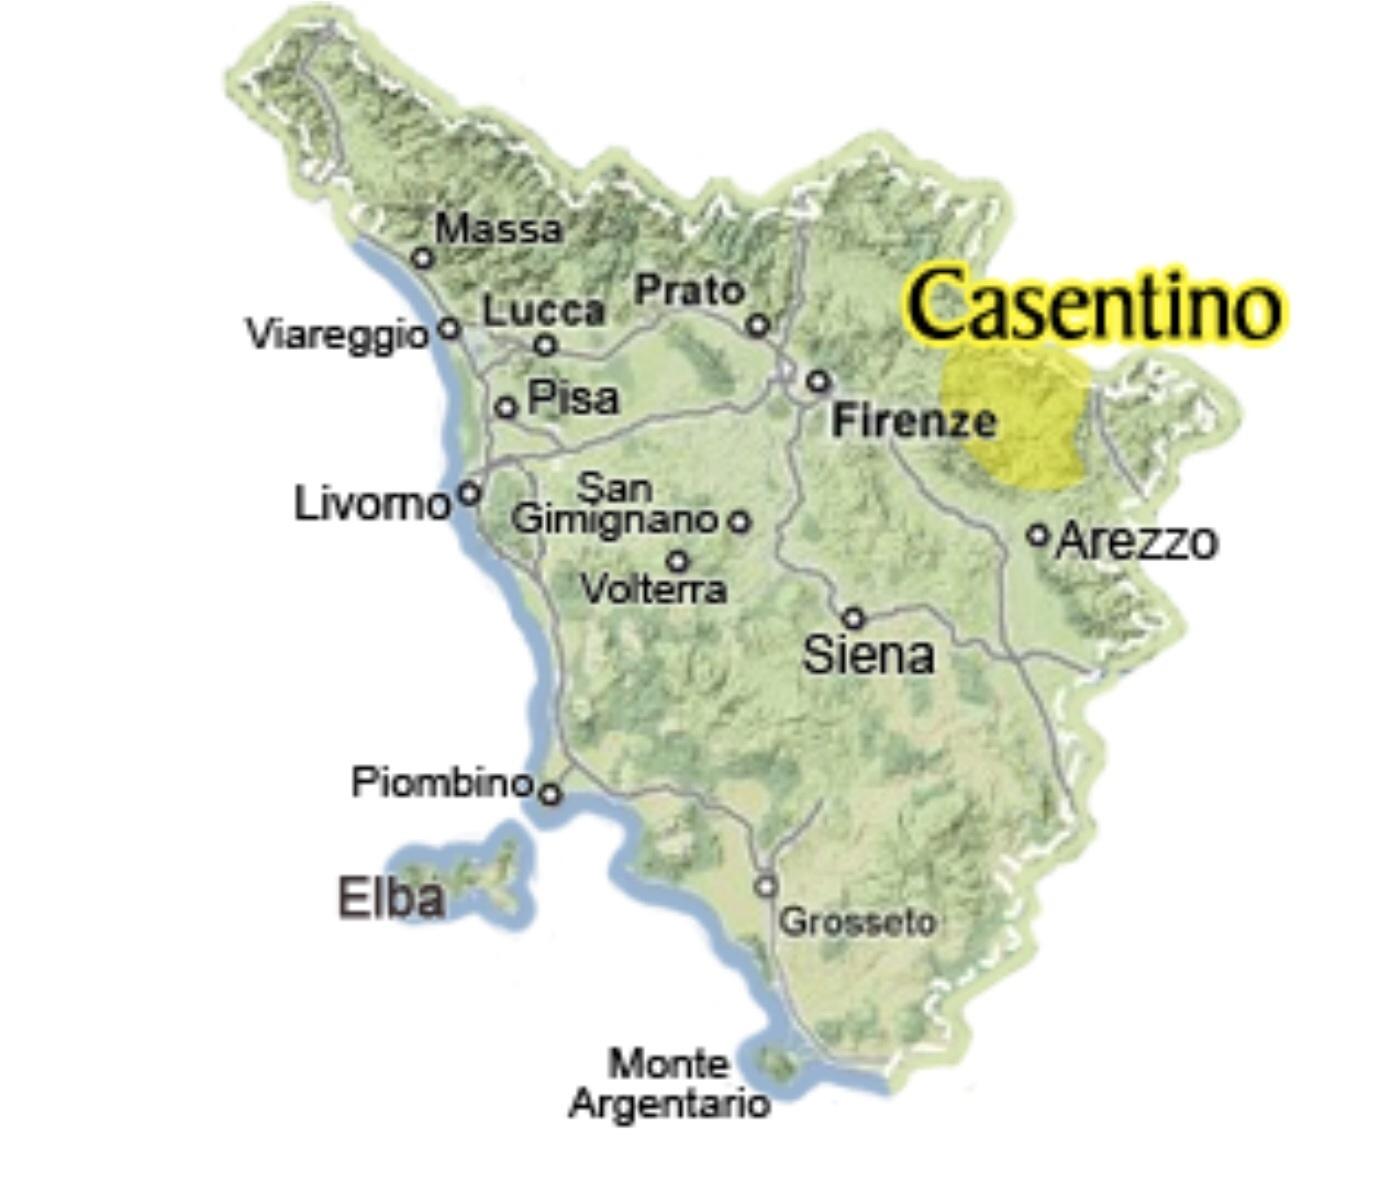 イタリア土産…トスカーナcasentinoのジャケット_b0210699_23030636.jpg